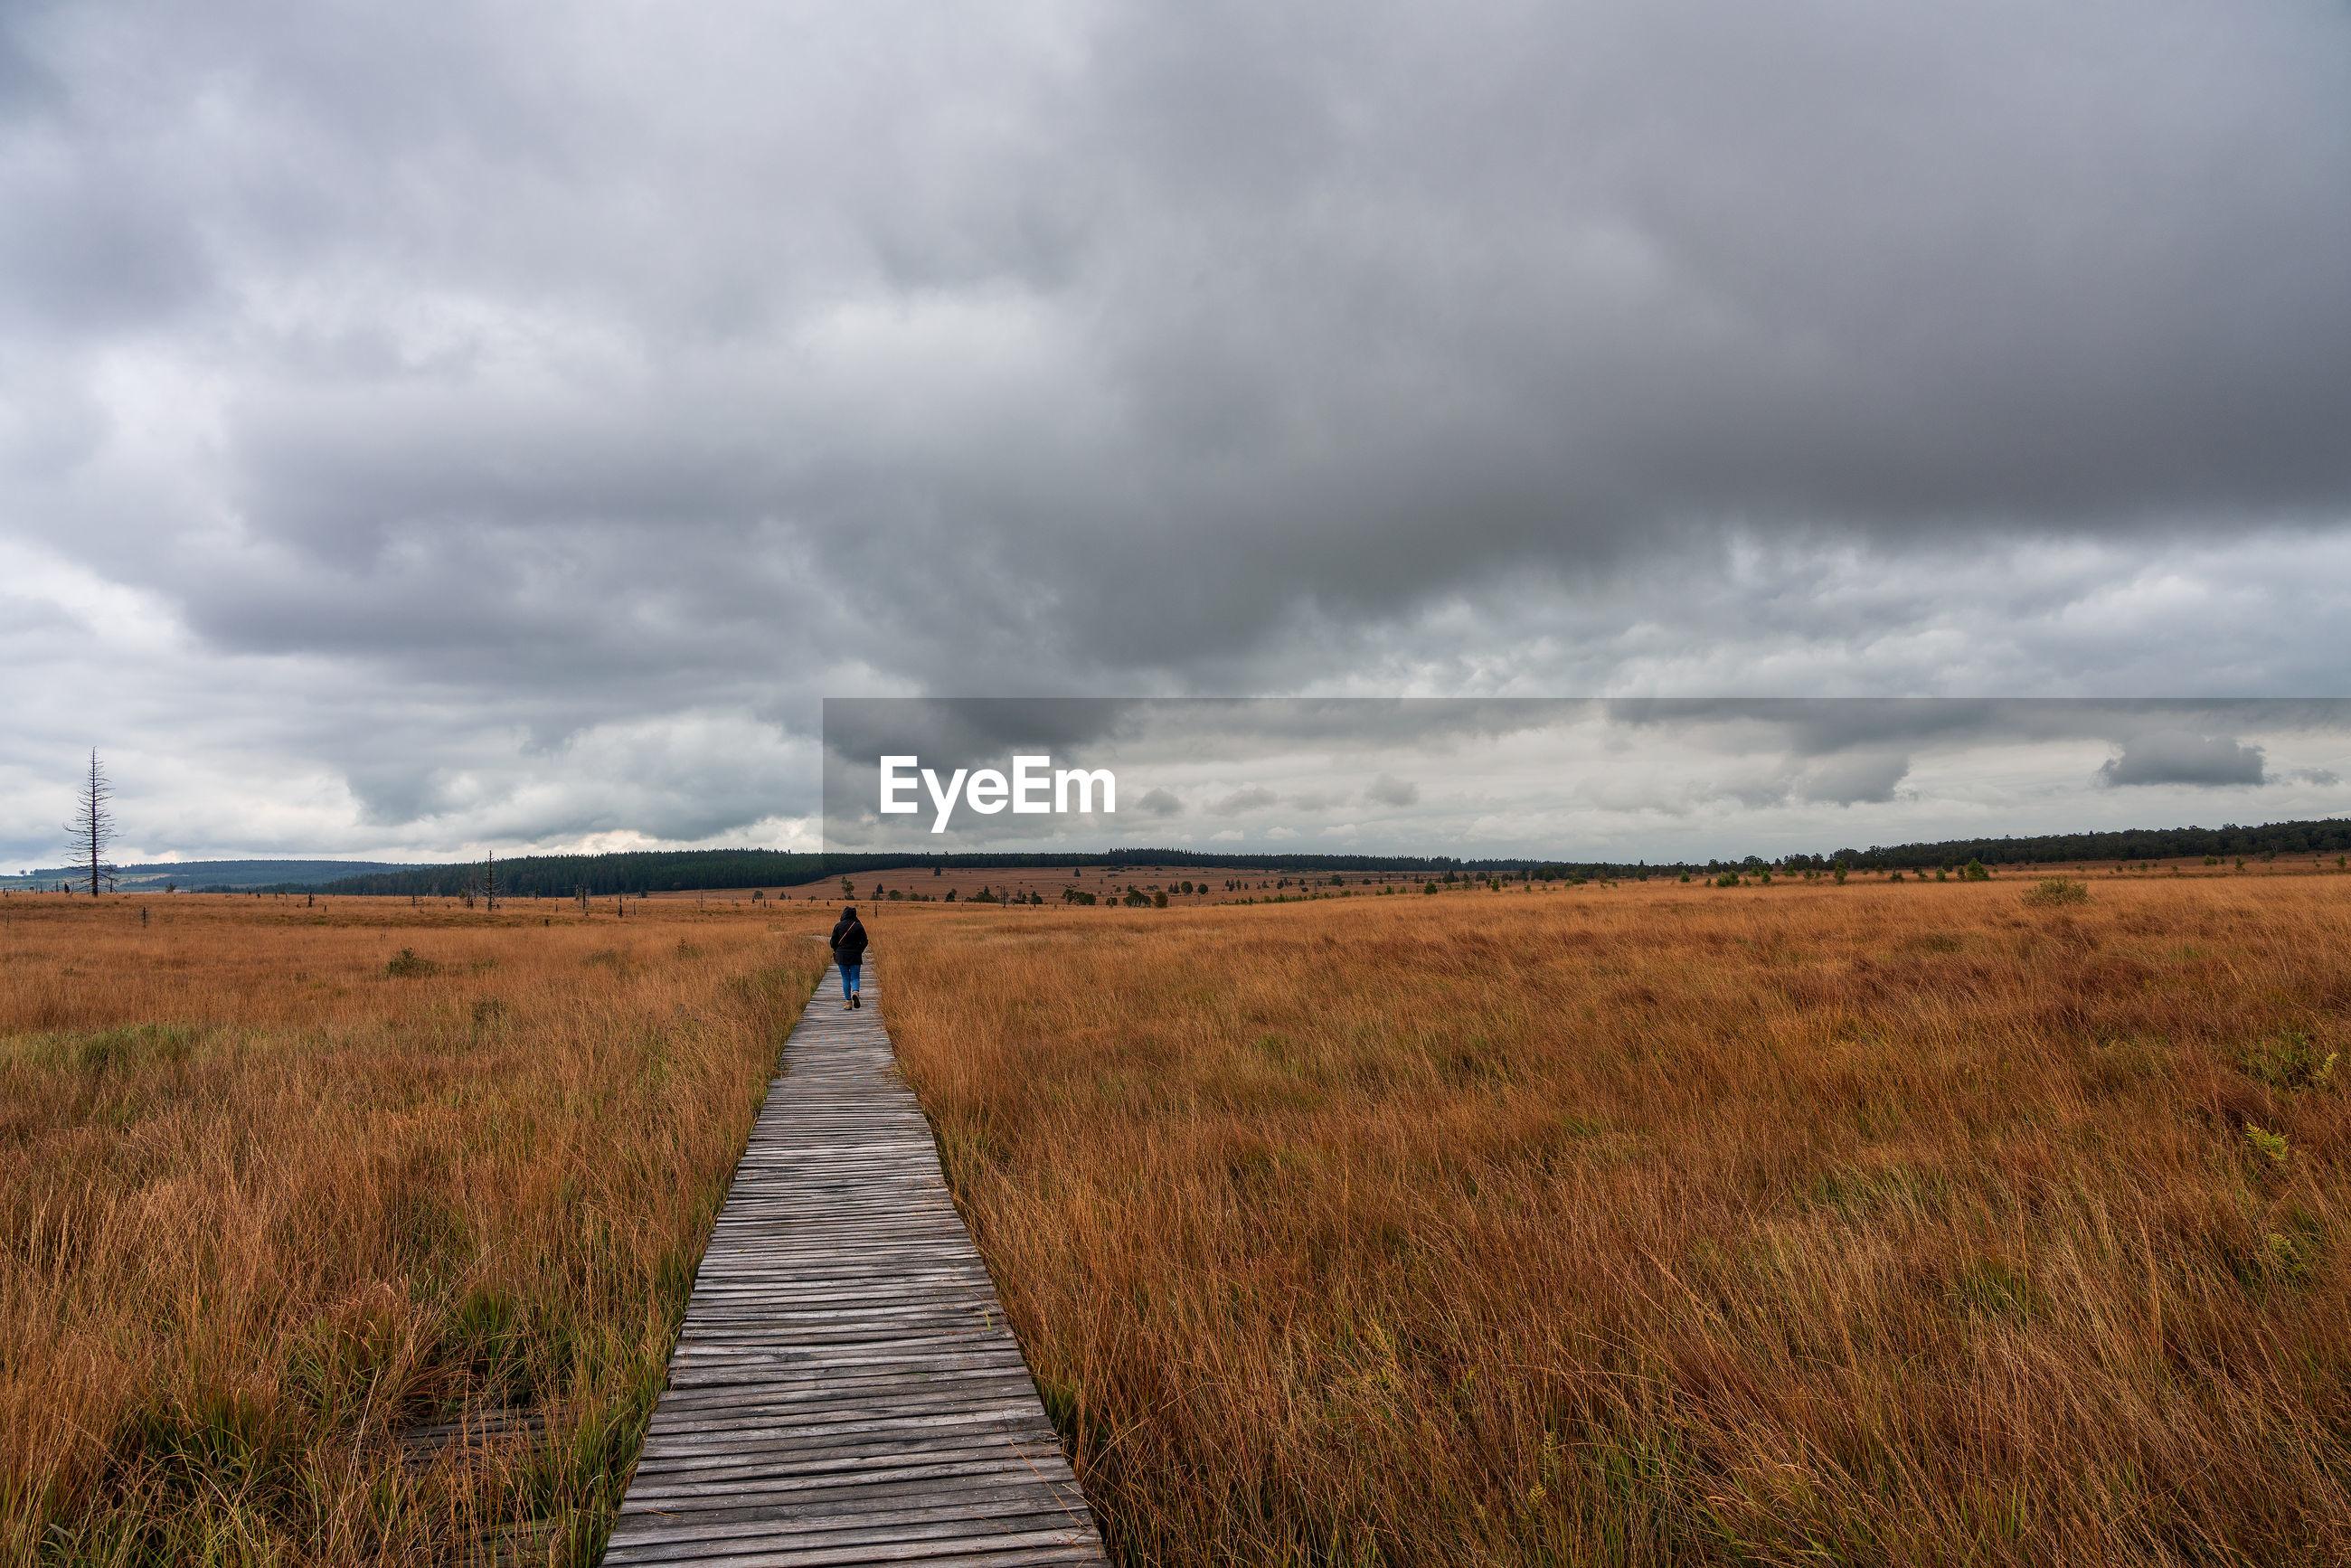 Rear view of woman walking on boardwalk along grassy land against cloudy sky